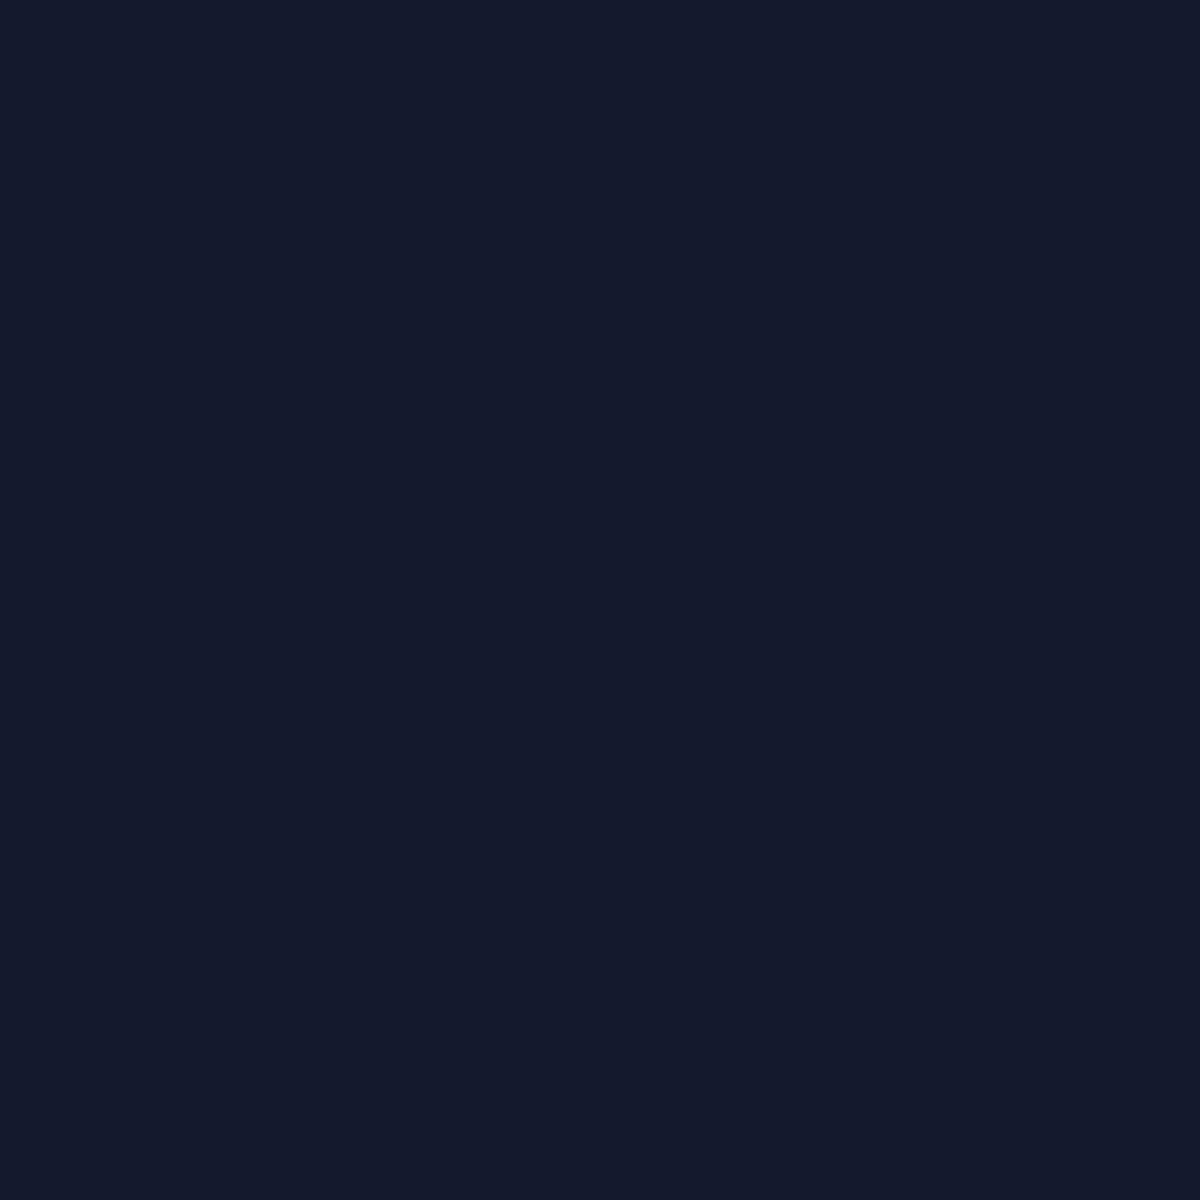 Empirewalls On Twitter Blank Ipad Iphonex Xr Xs Mac